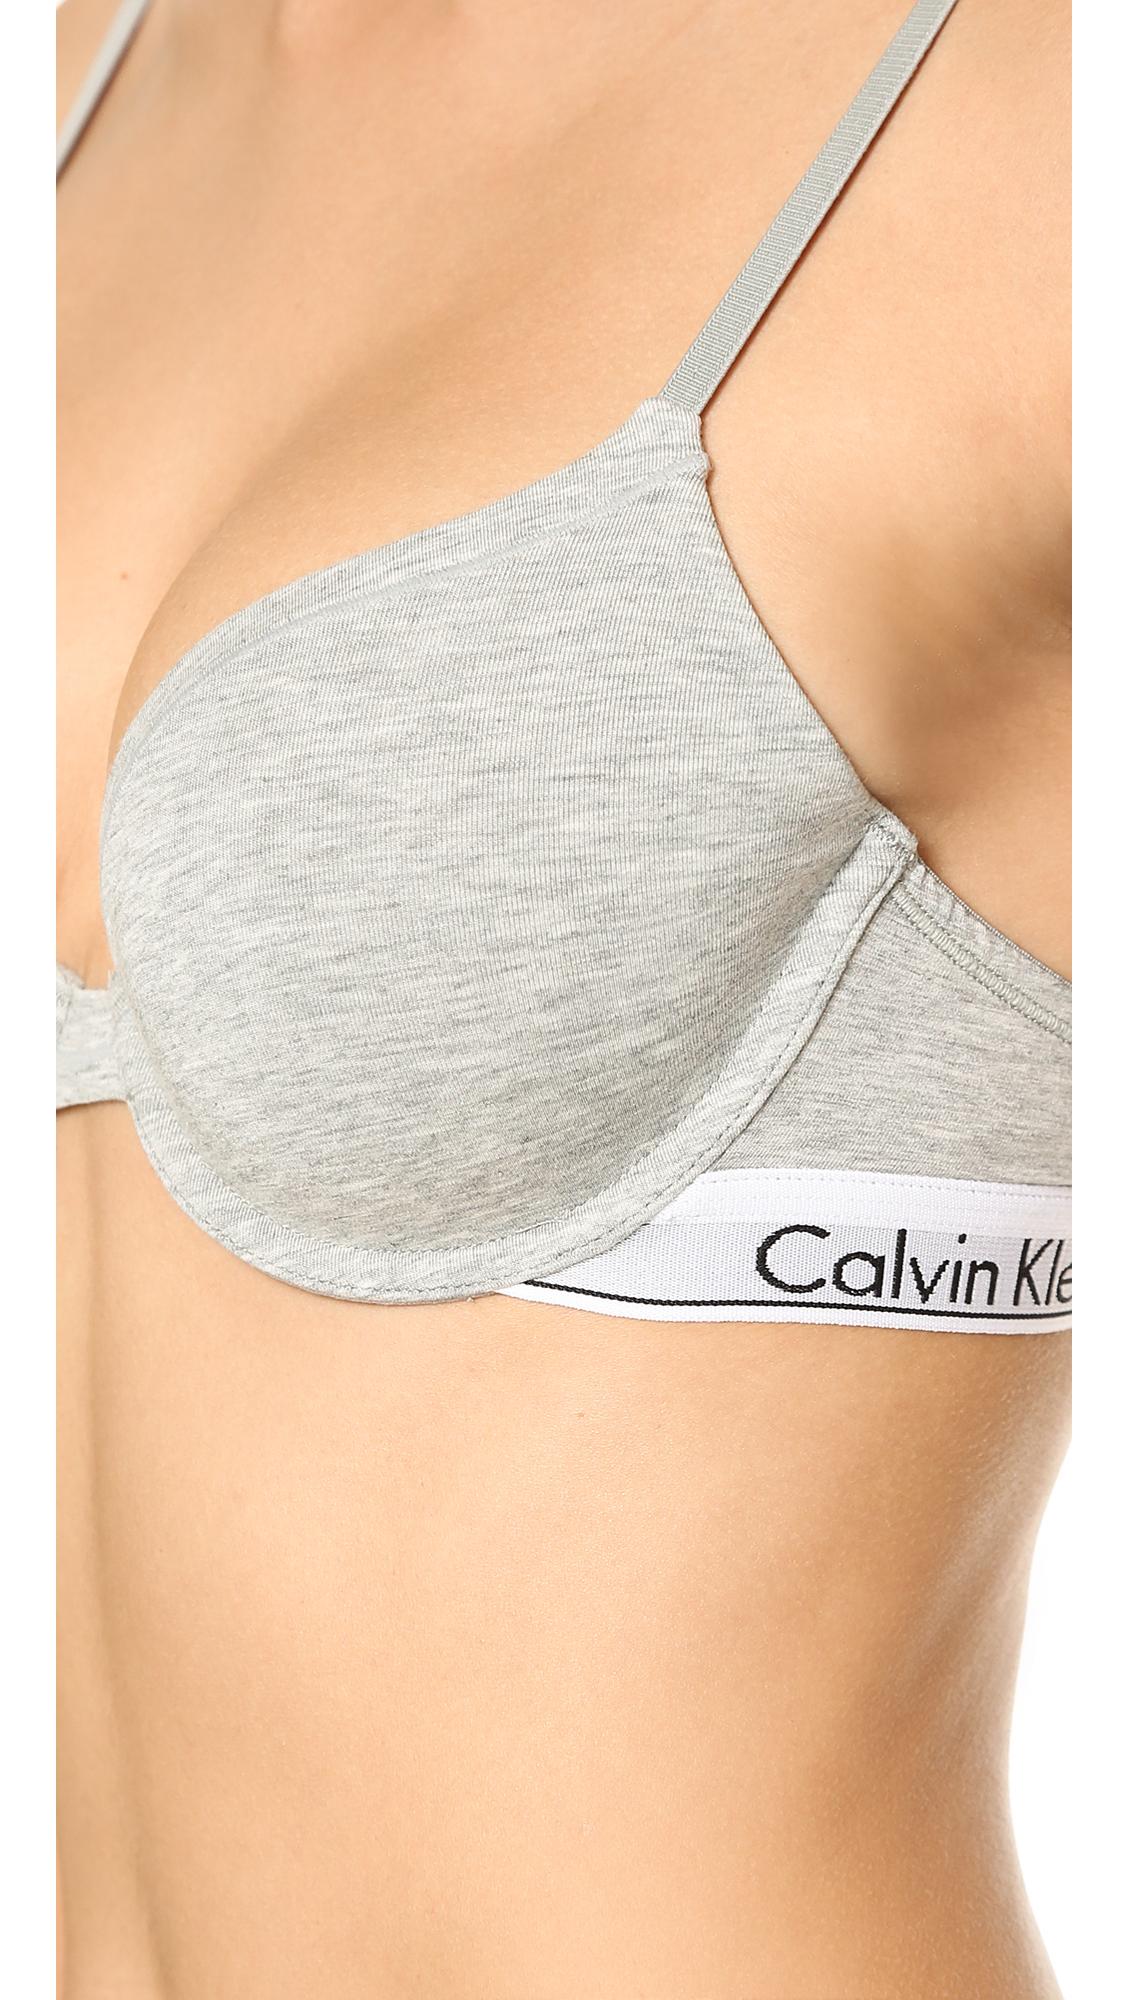 calvin klein underwear modern cotton t shirt bra